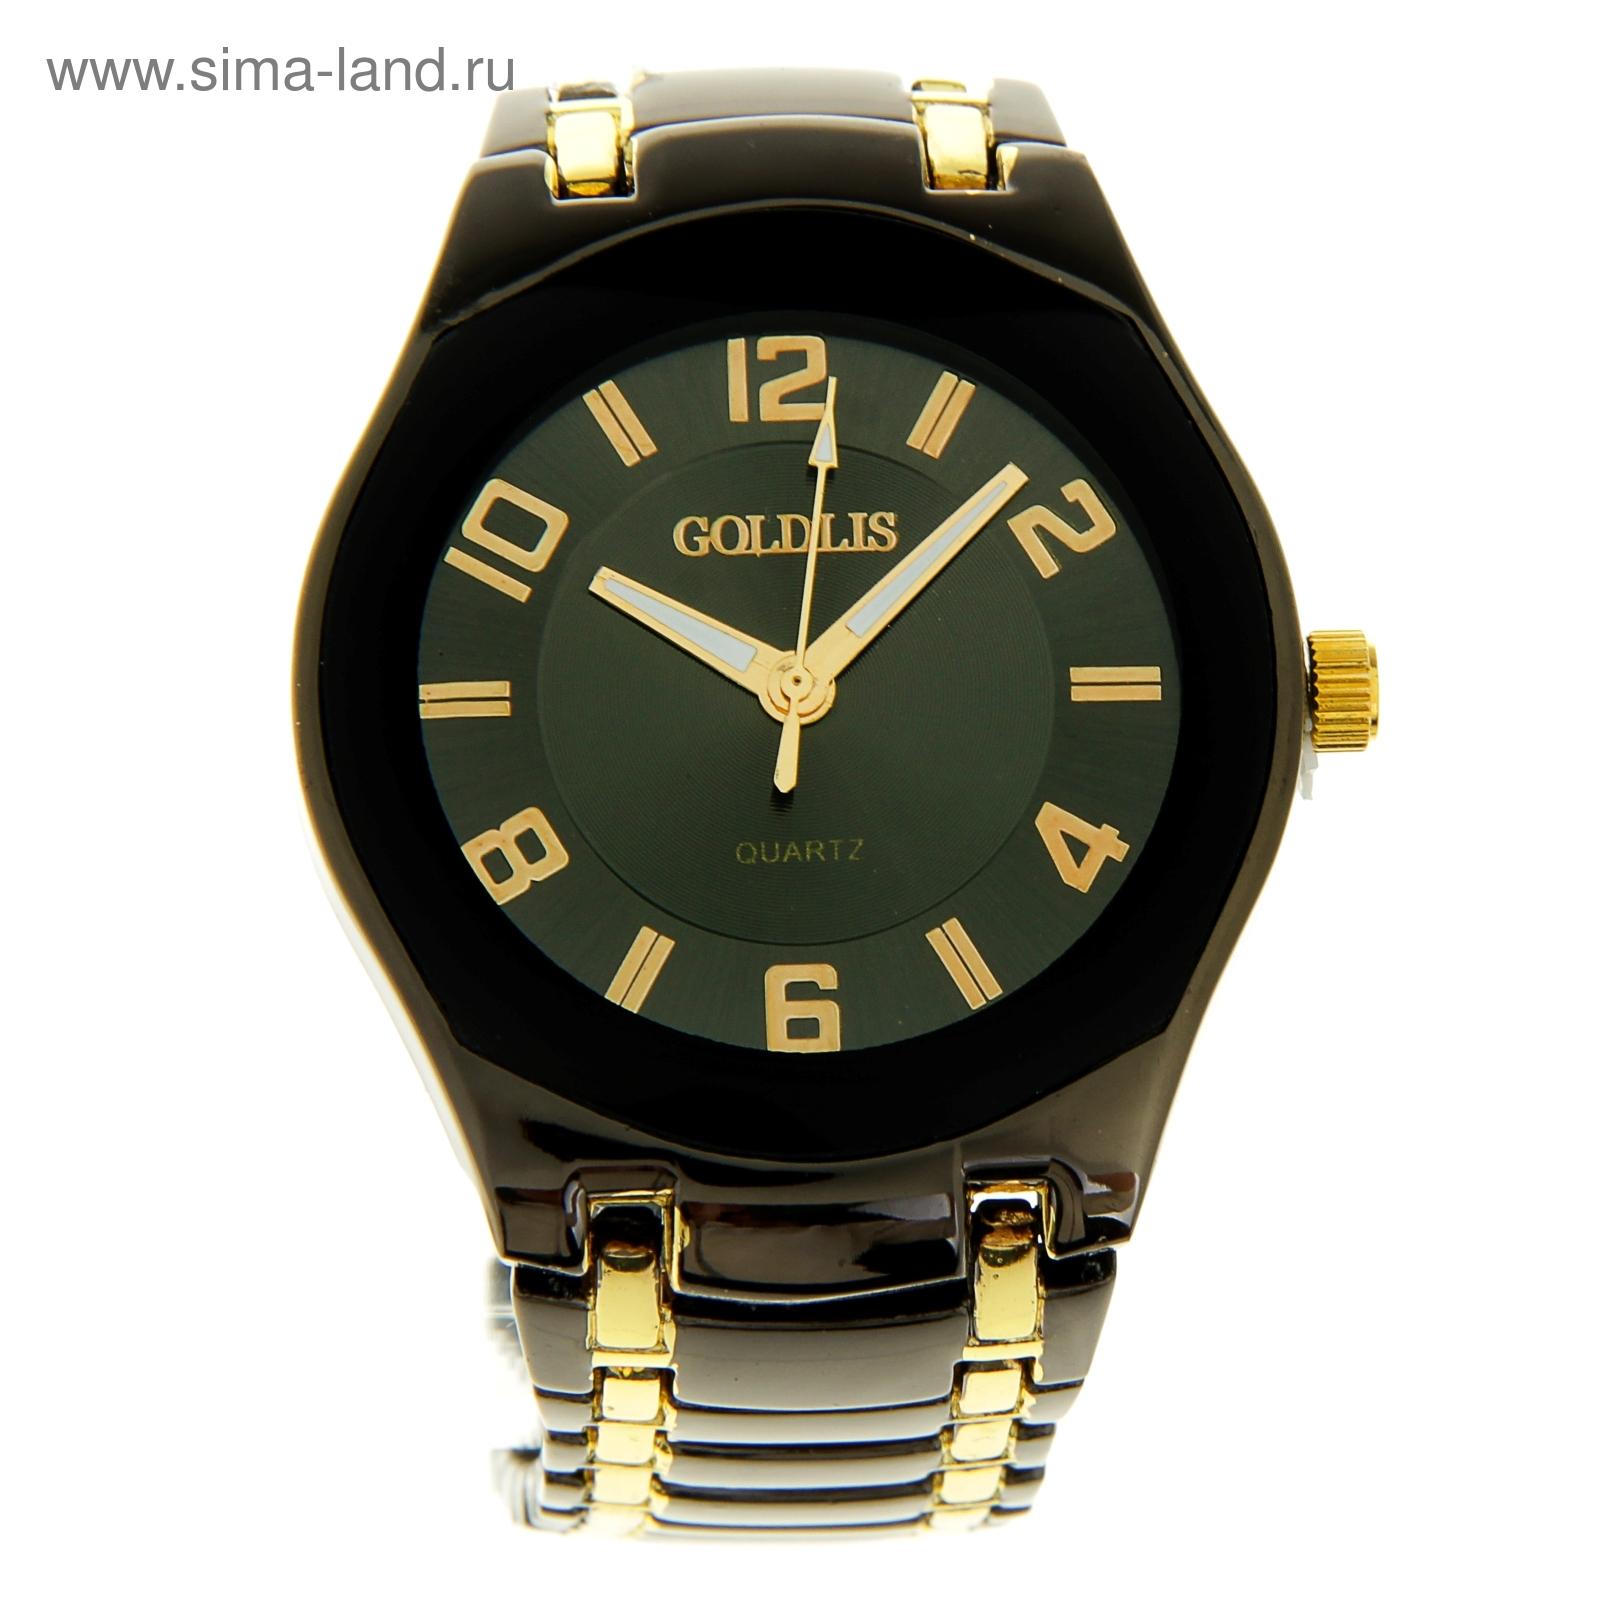 Мужские наручные часы с комбинированным циферблатом японские часы наручные мужские интернет магазин